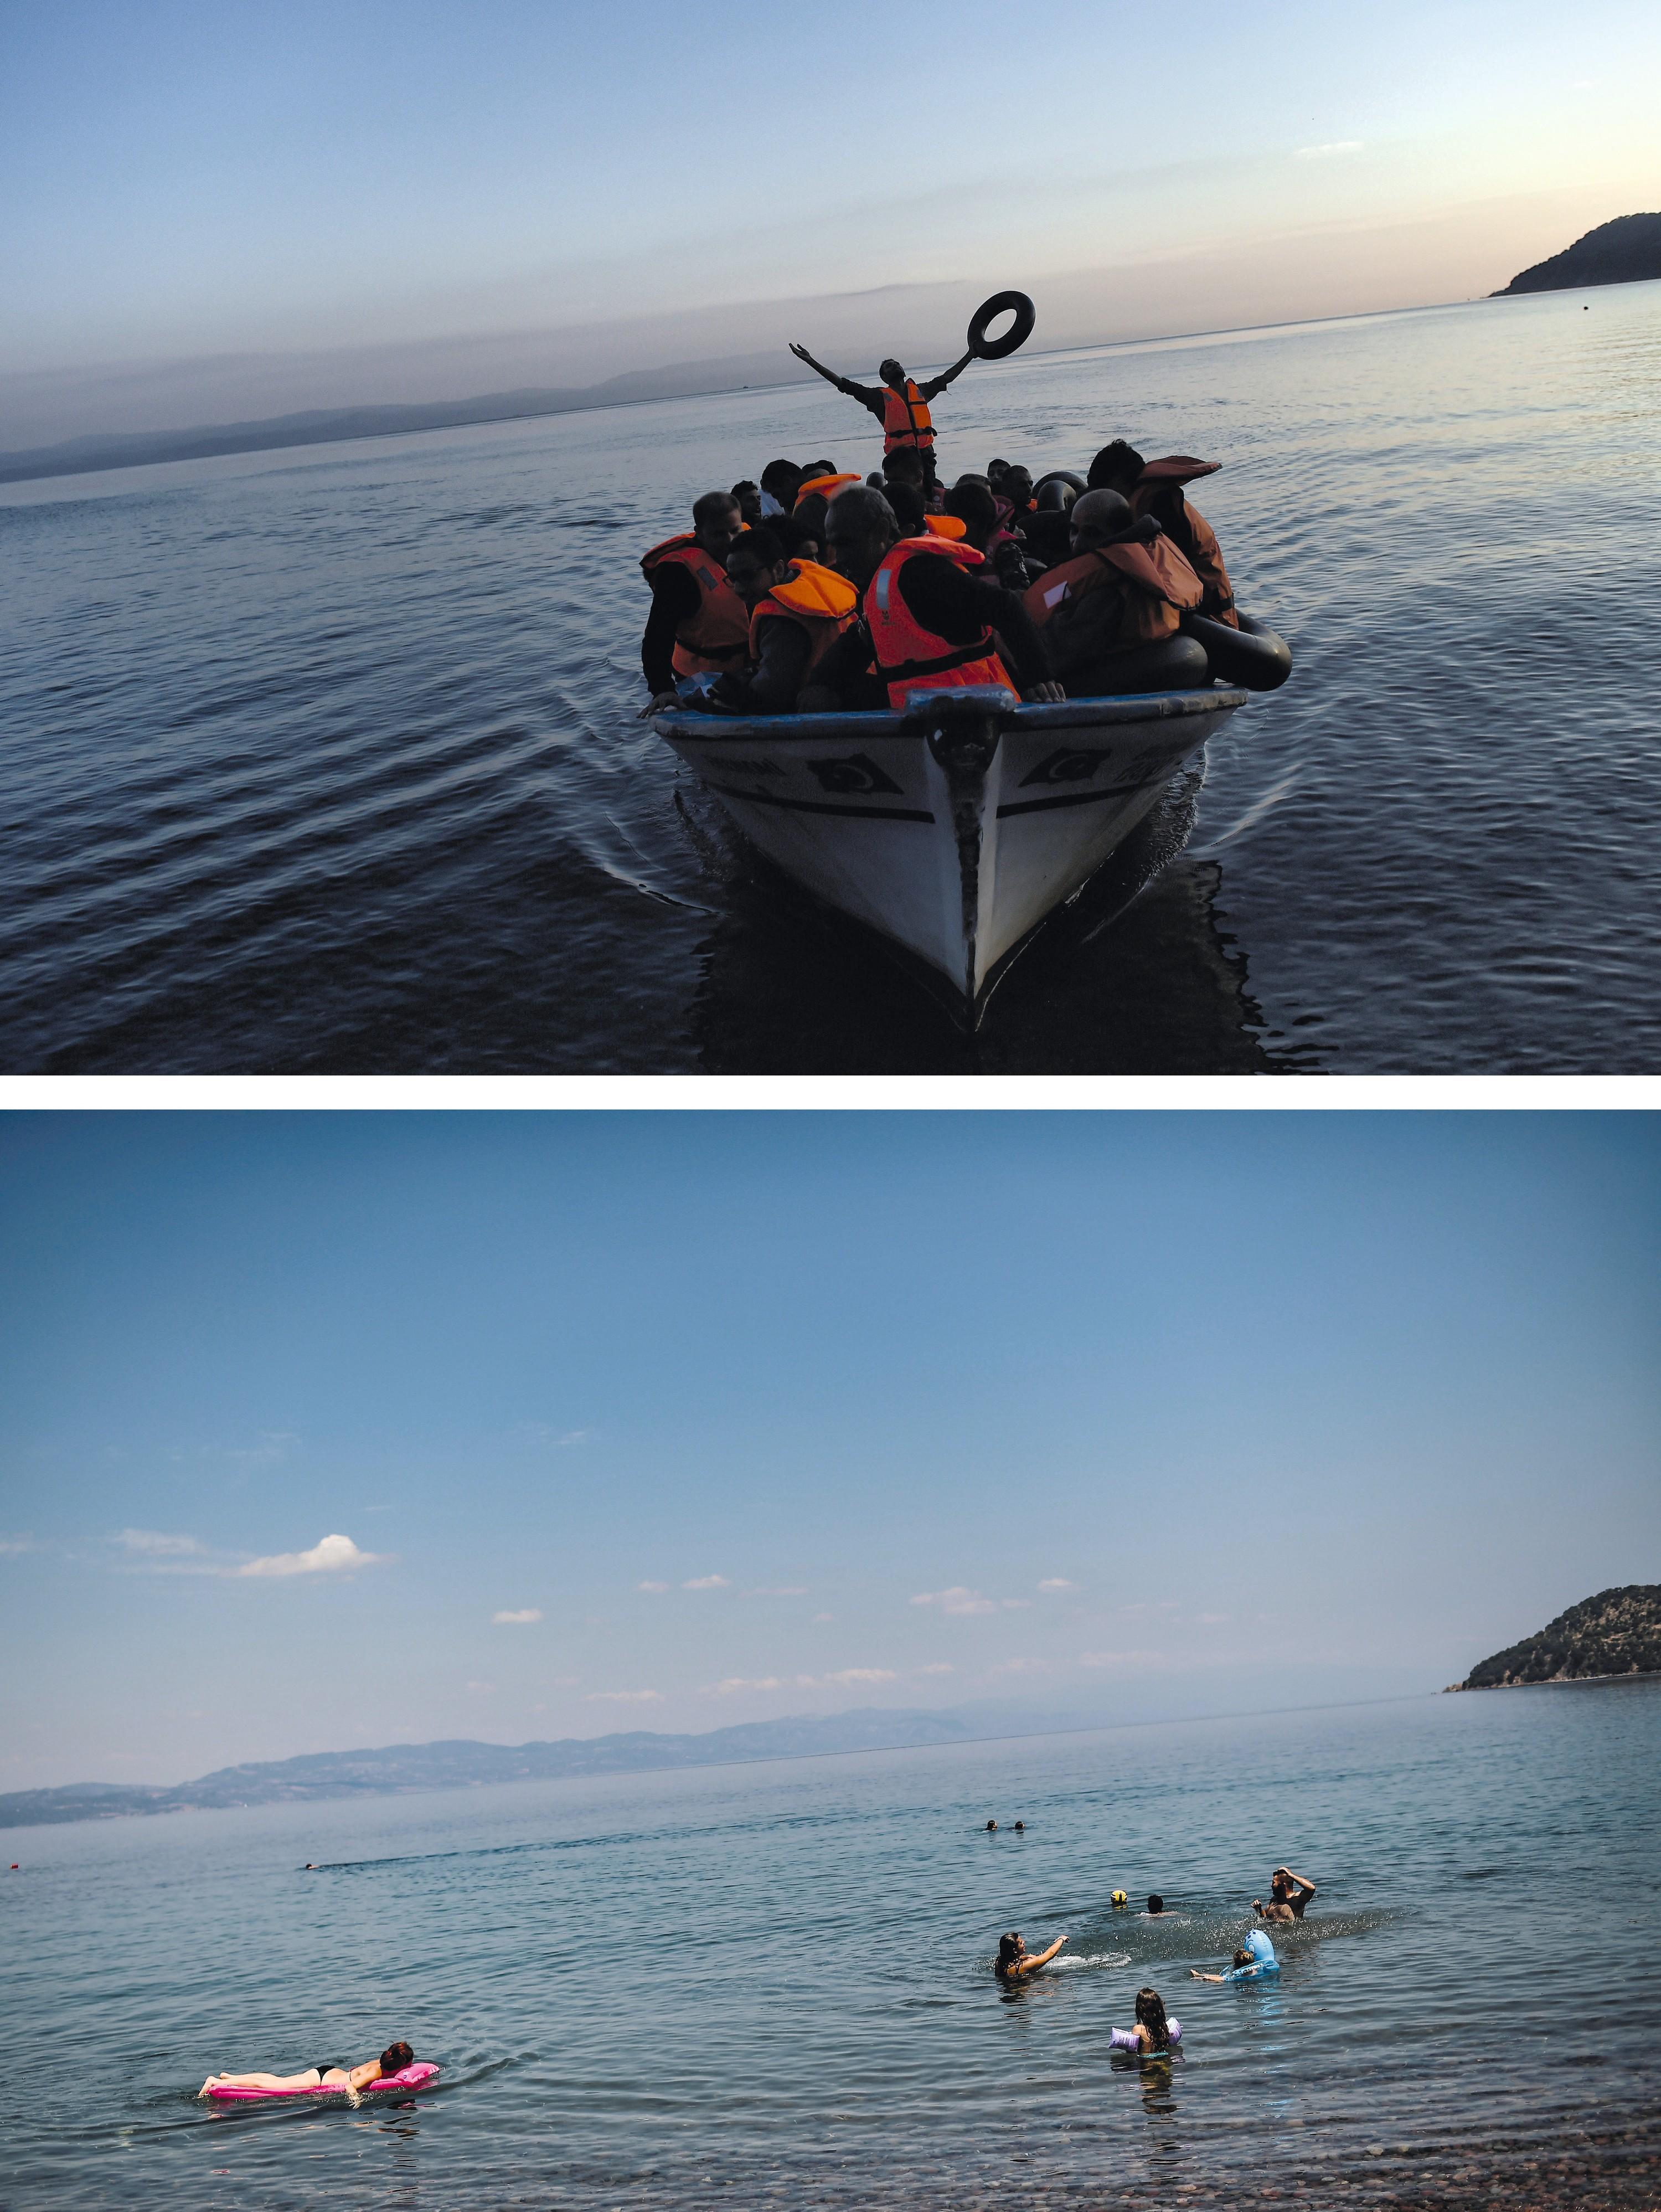 L'île grecque de Lesbos en 2015 (haut) et 2018 (bas)